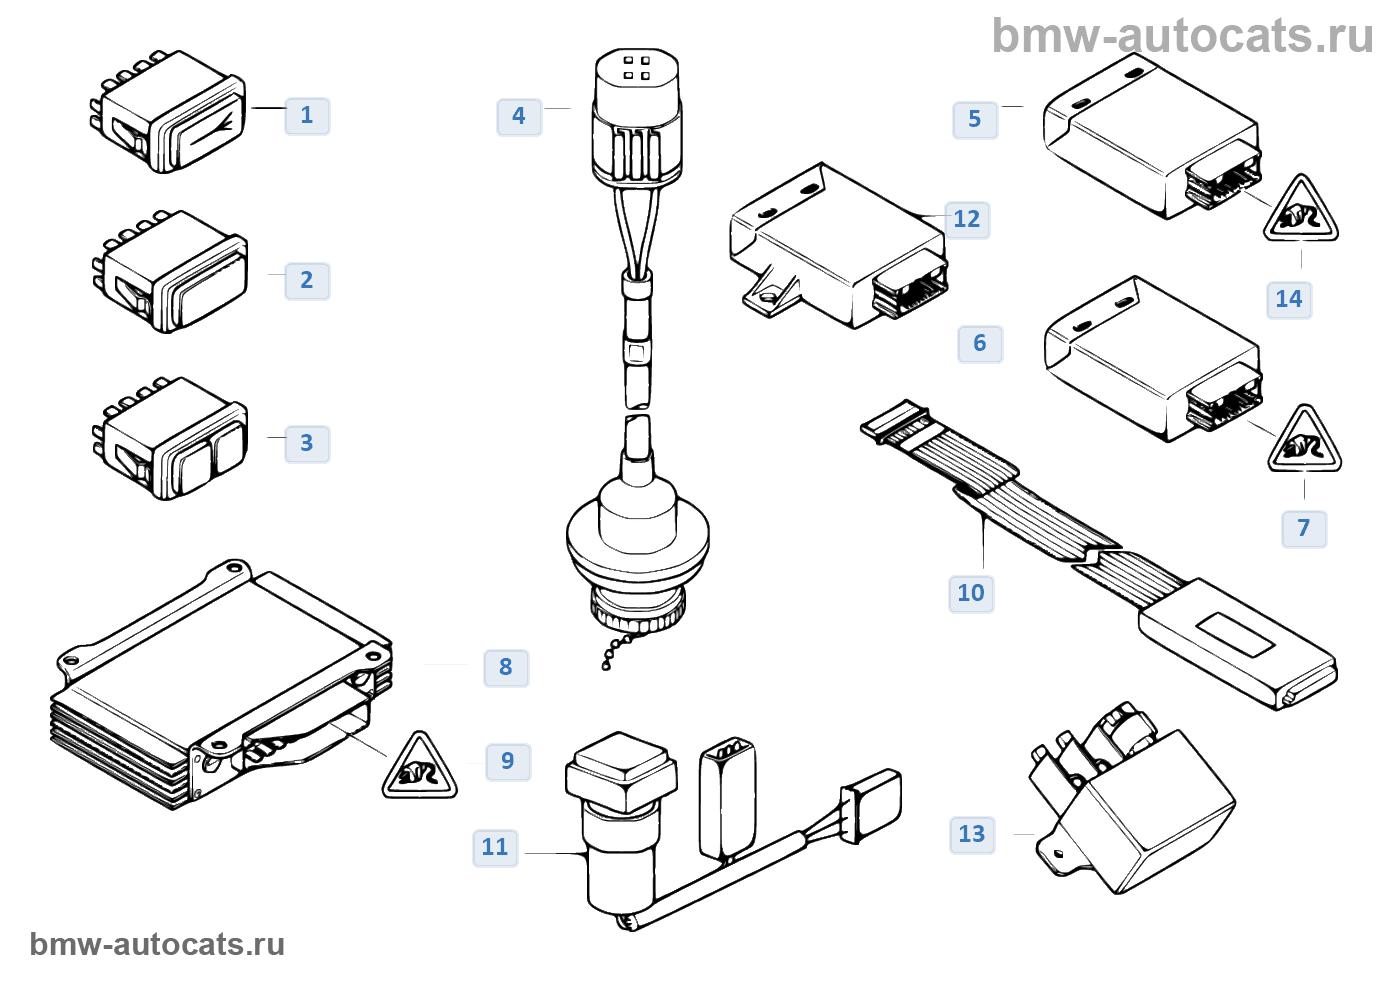 ЈЮФгЫШЯХаХЪЫЧРапФЭРп аЮЧ бЯХжРТв: BMW E90 N52 Engine Diagram At Hrqsolutions.co